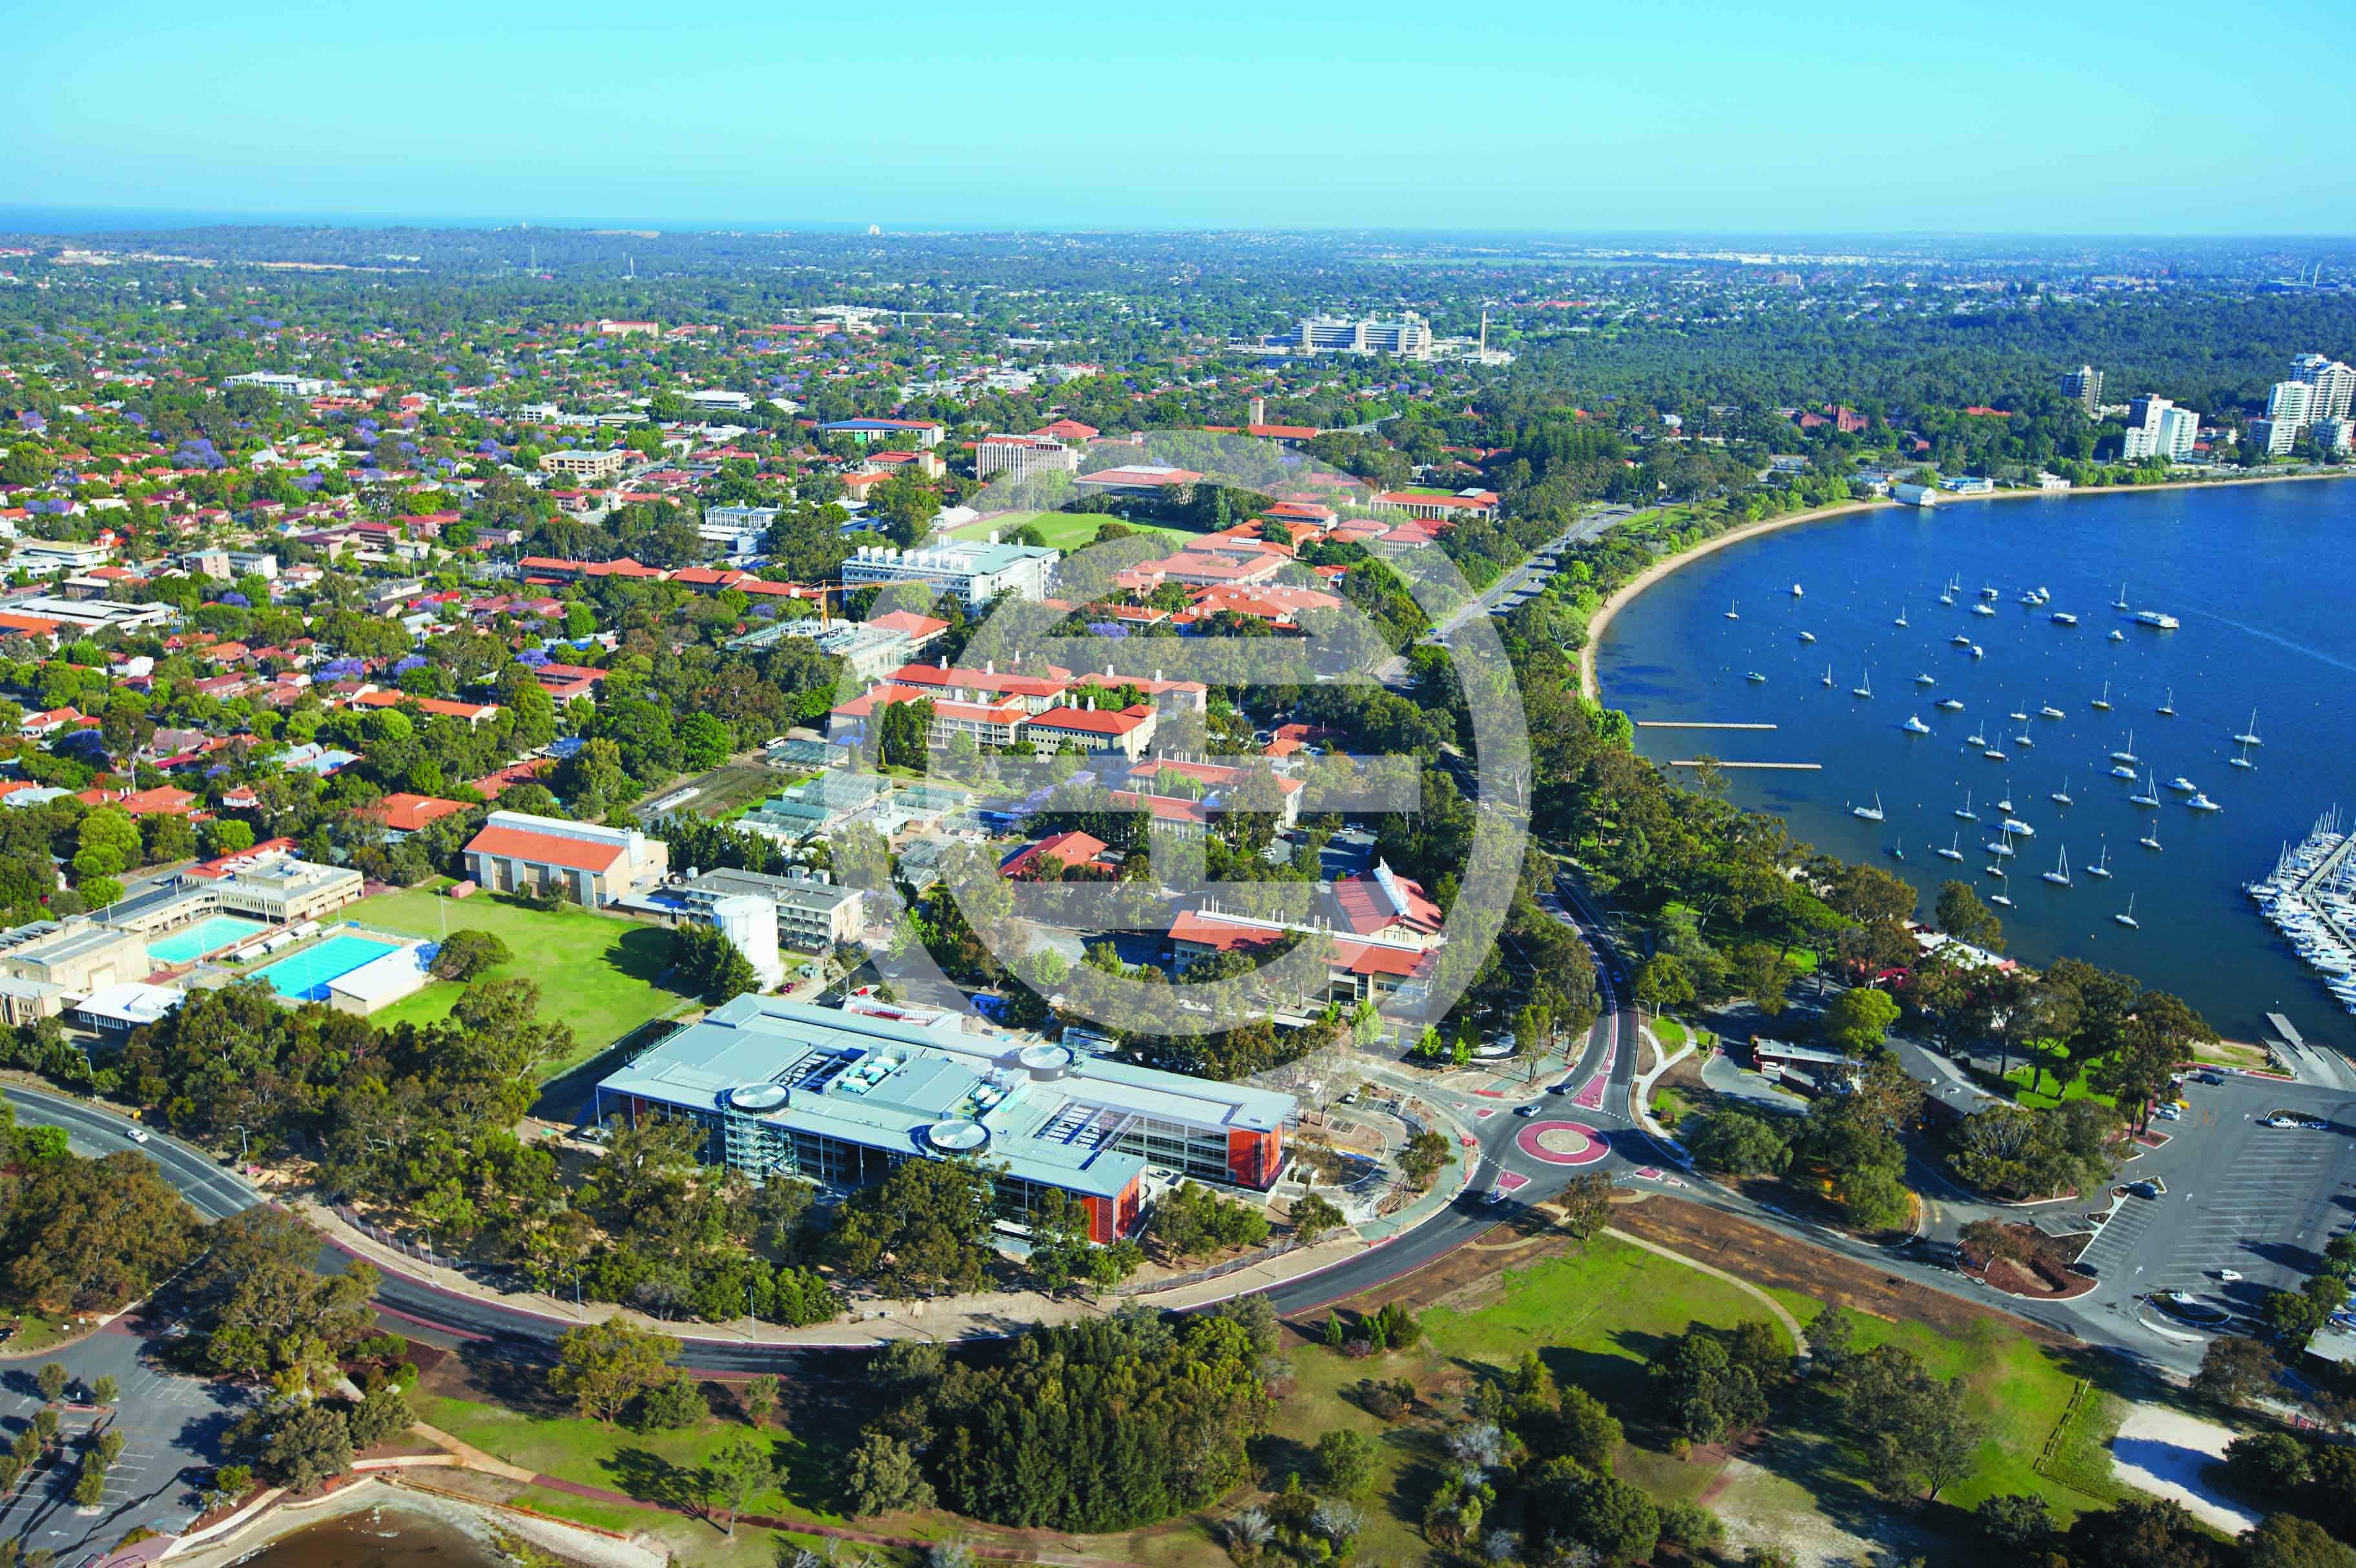 俯瞰西澳大学的校园